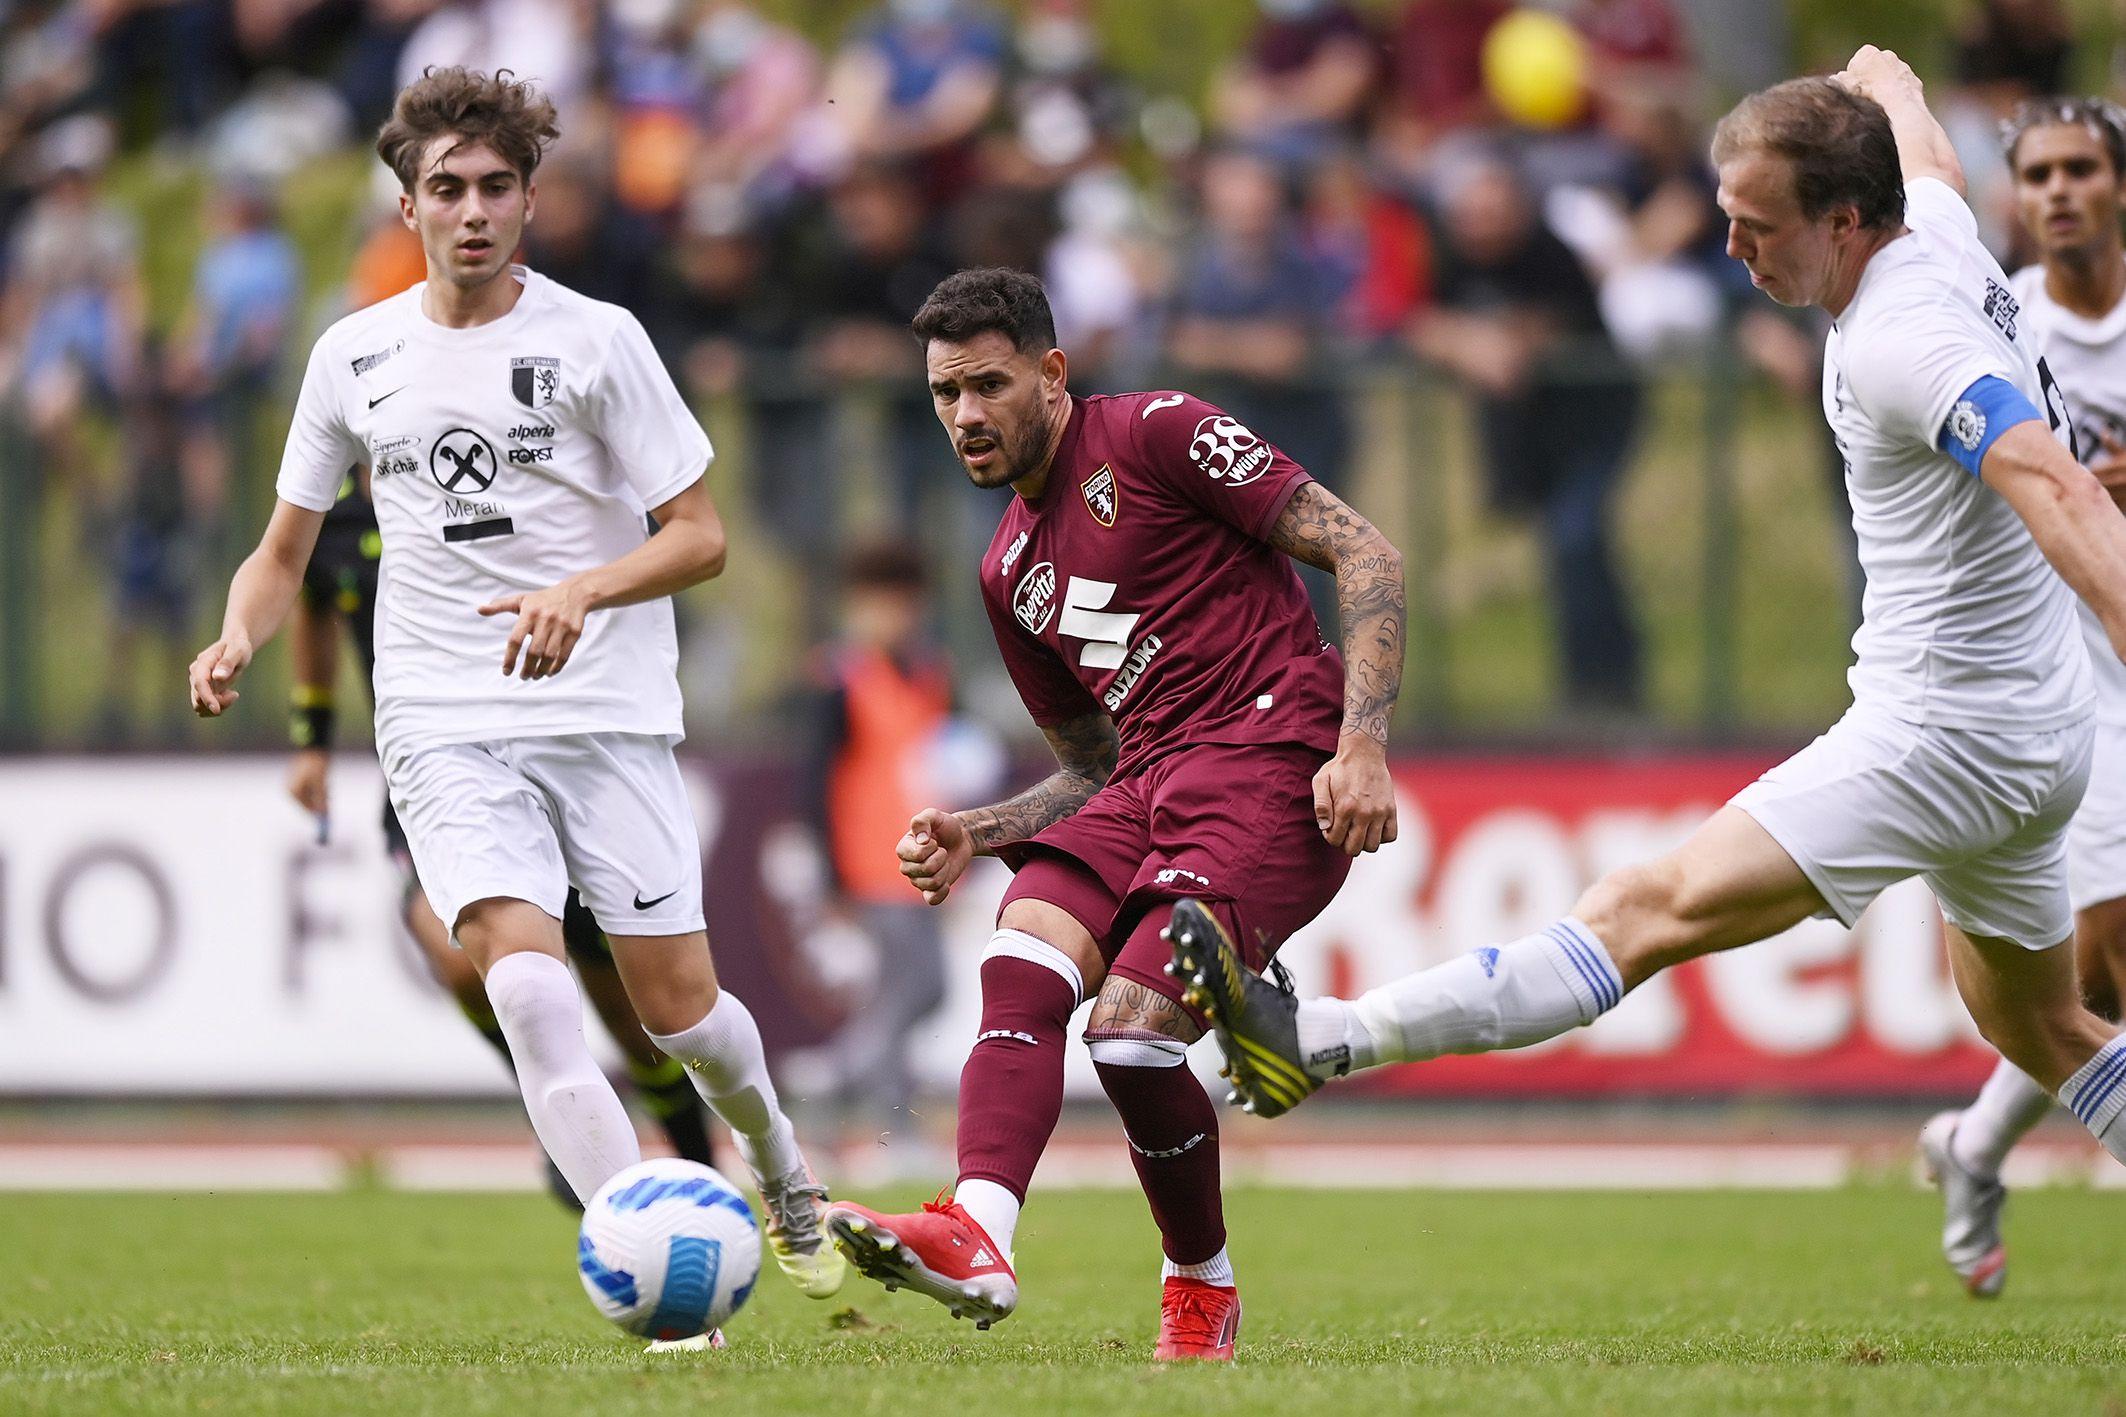 Antonio Sanabria anotando un gol par el Torino en un amistoso